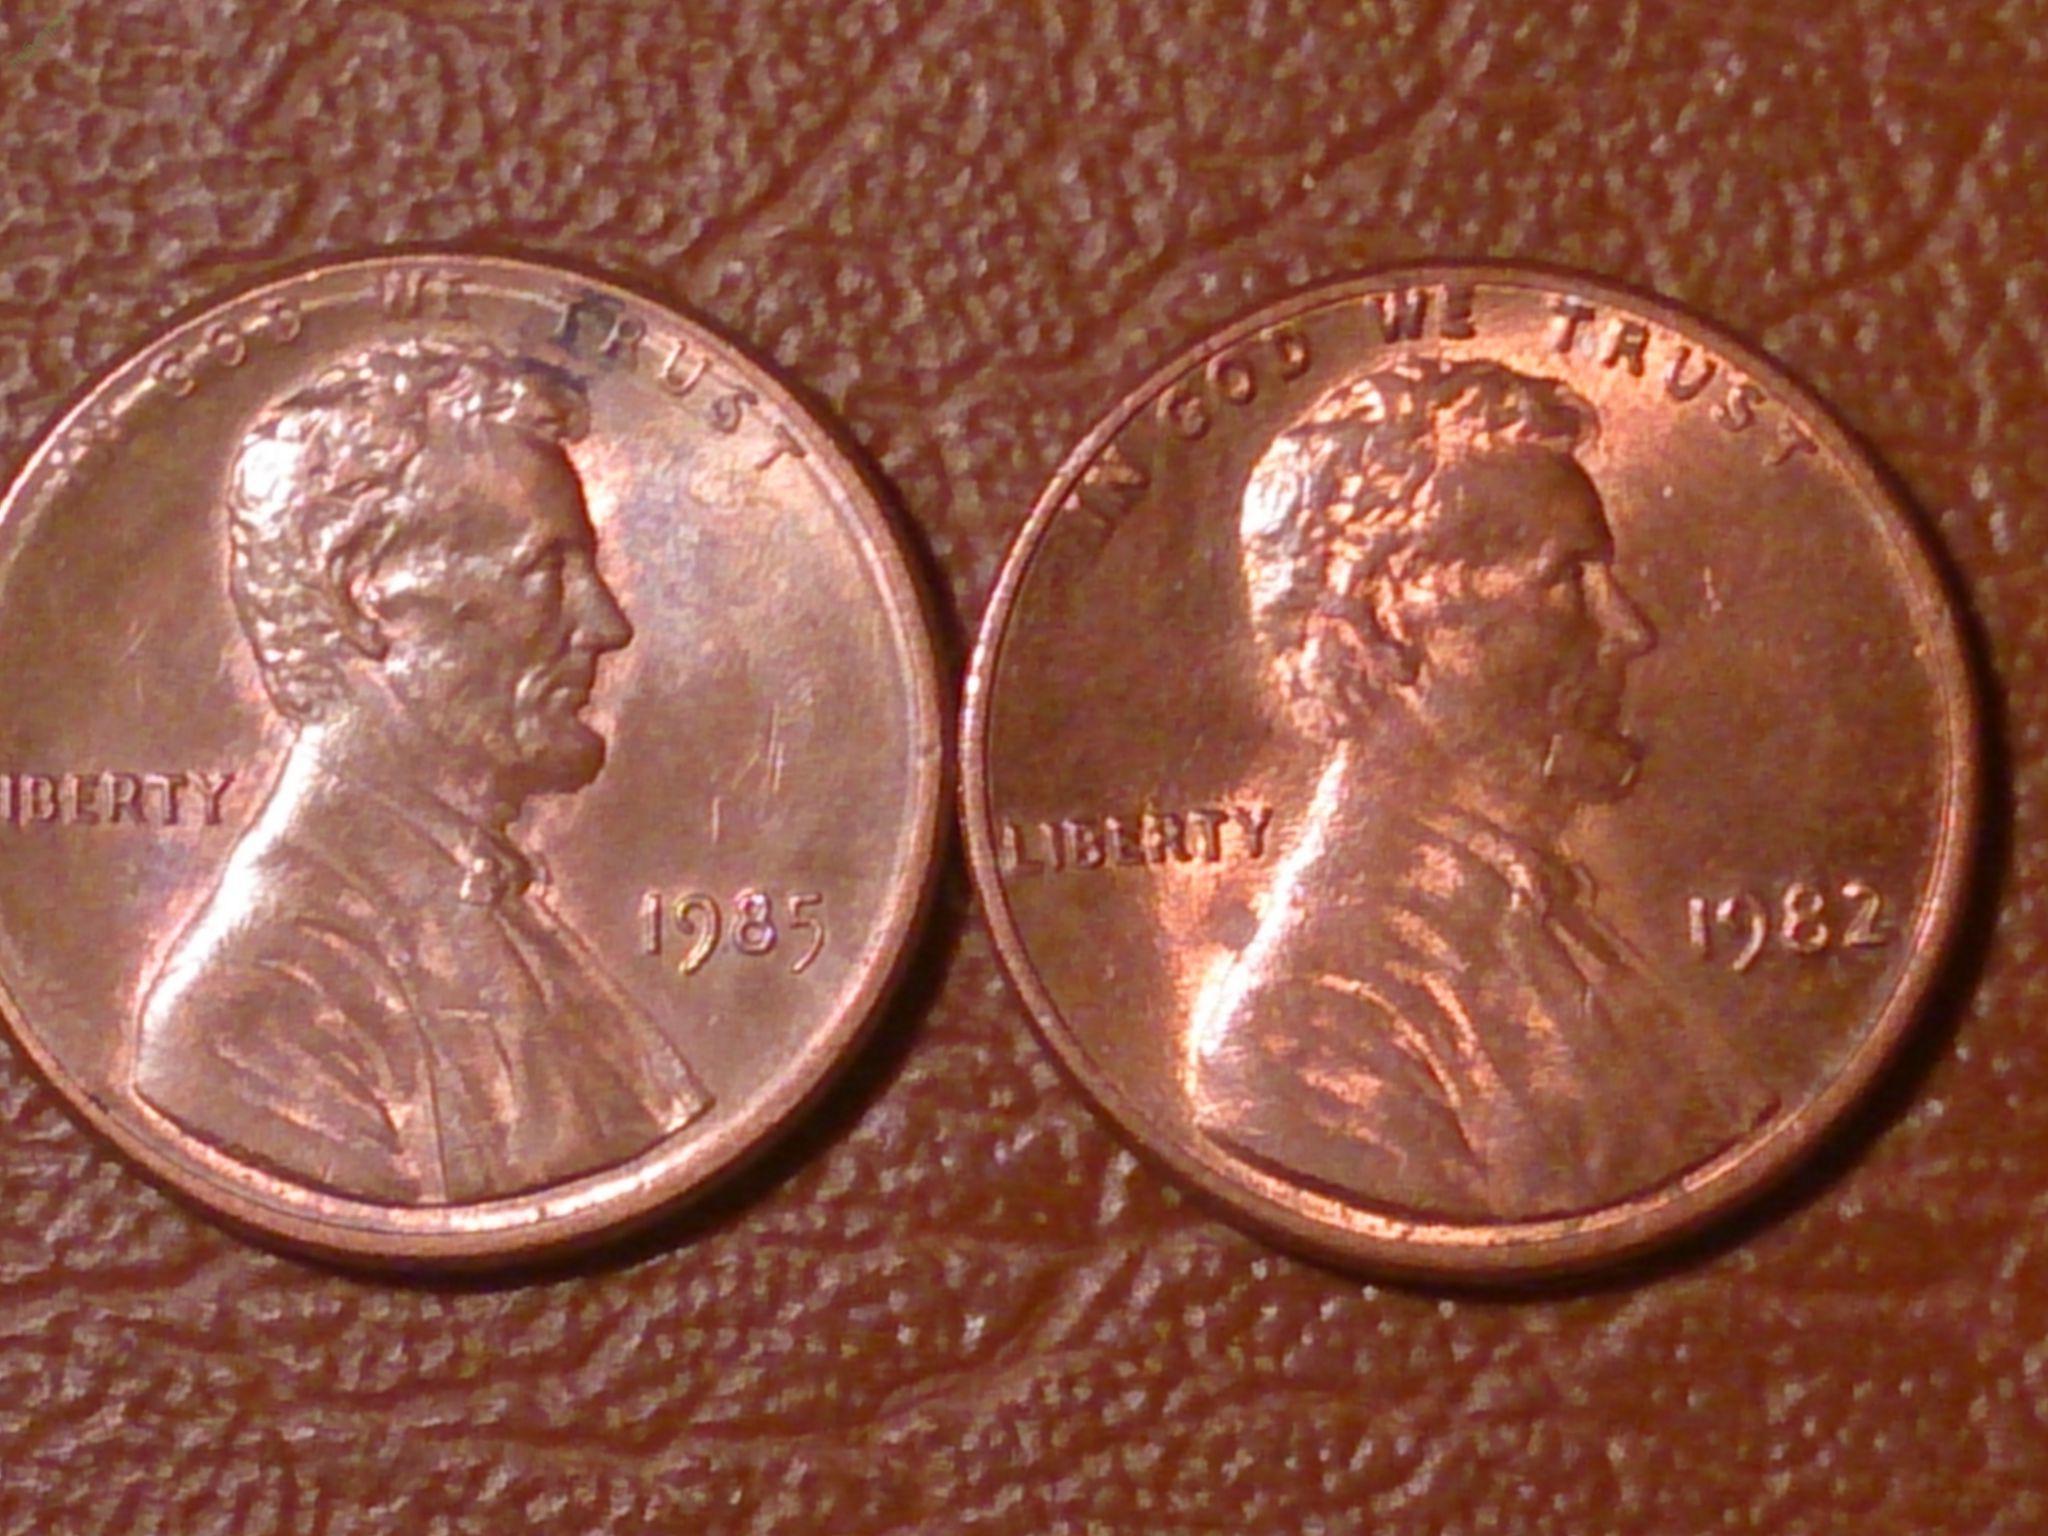 Купить 1 центов 1985 и 1982 год, две монеты одним лотом, сша.